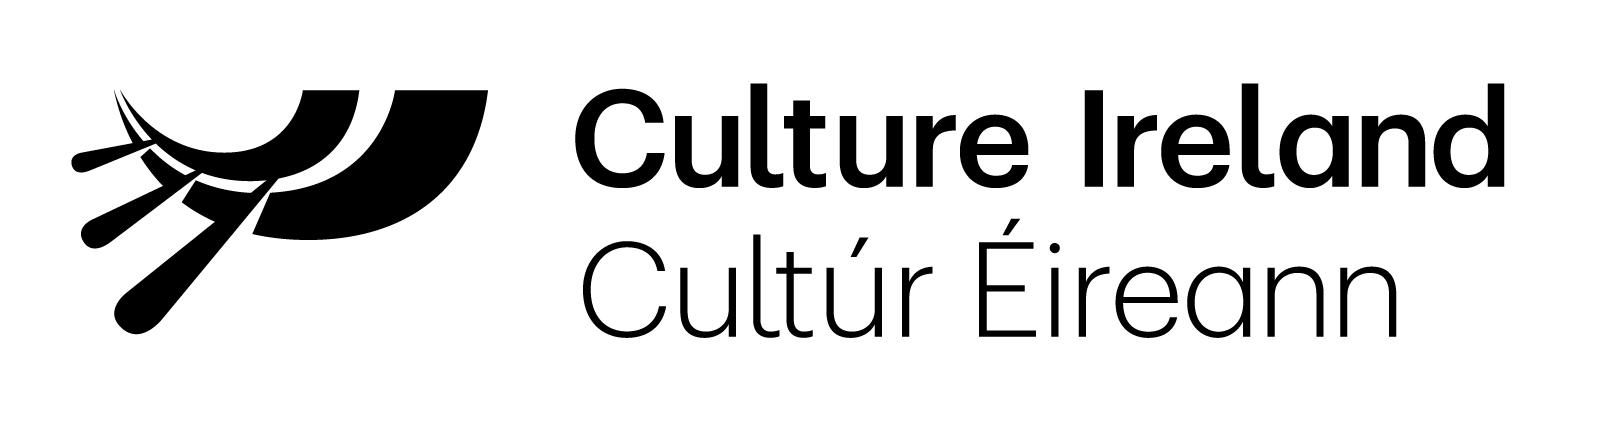 Afbeeldingsresultaat voor culture ireland logo png